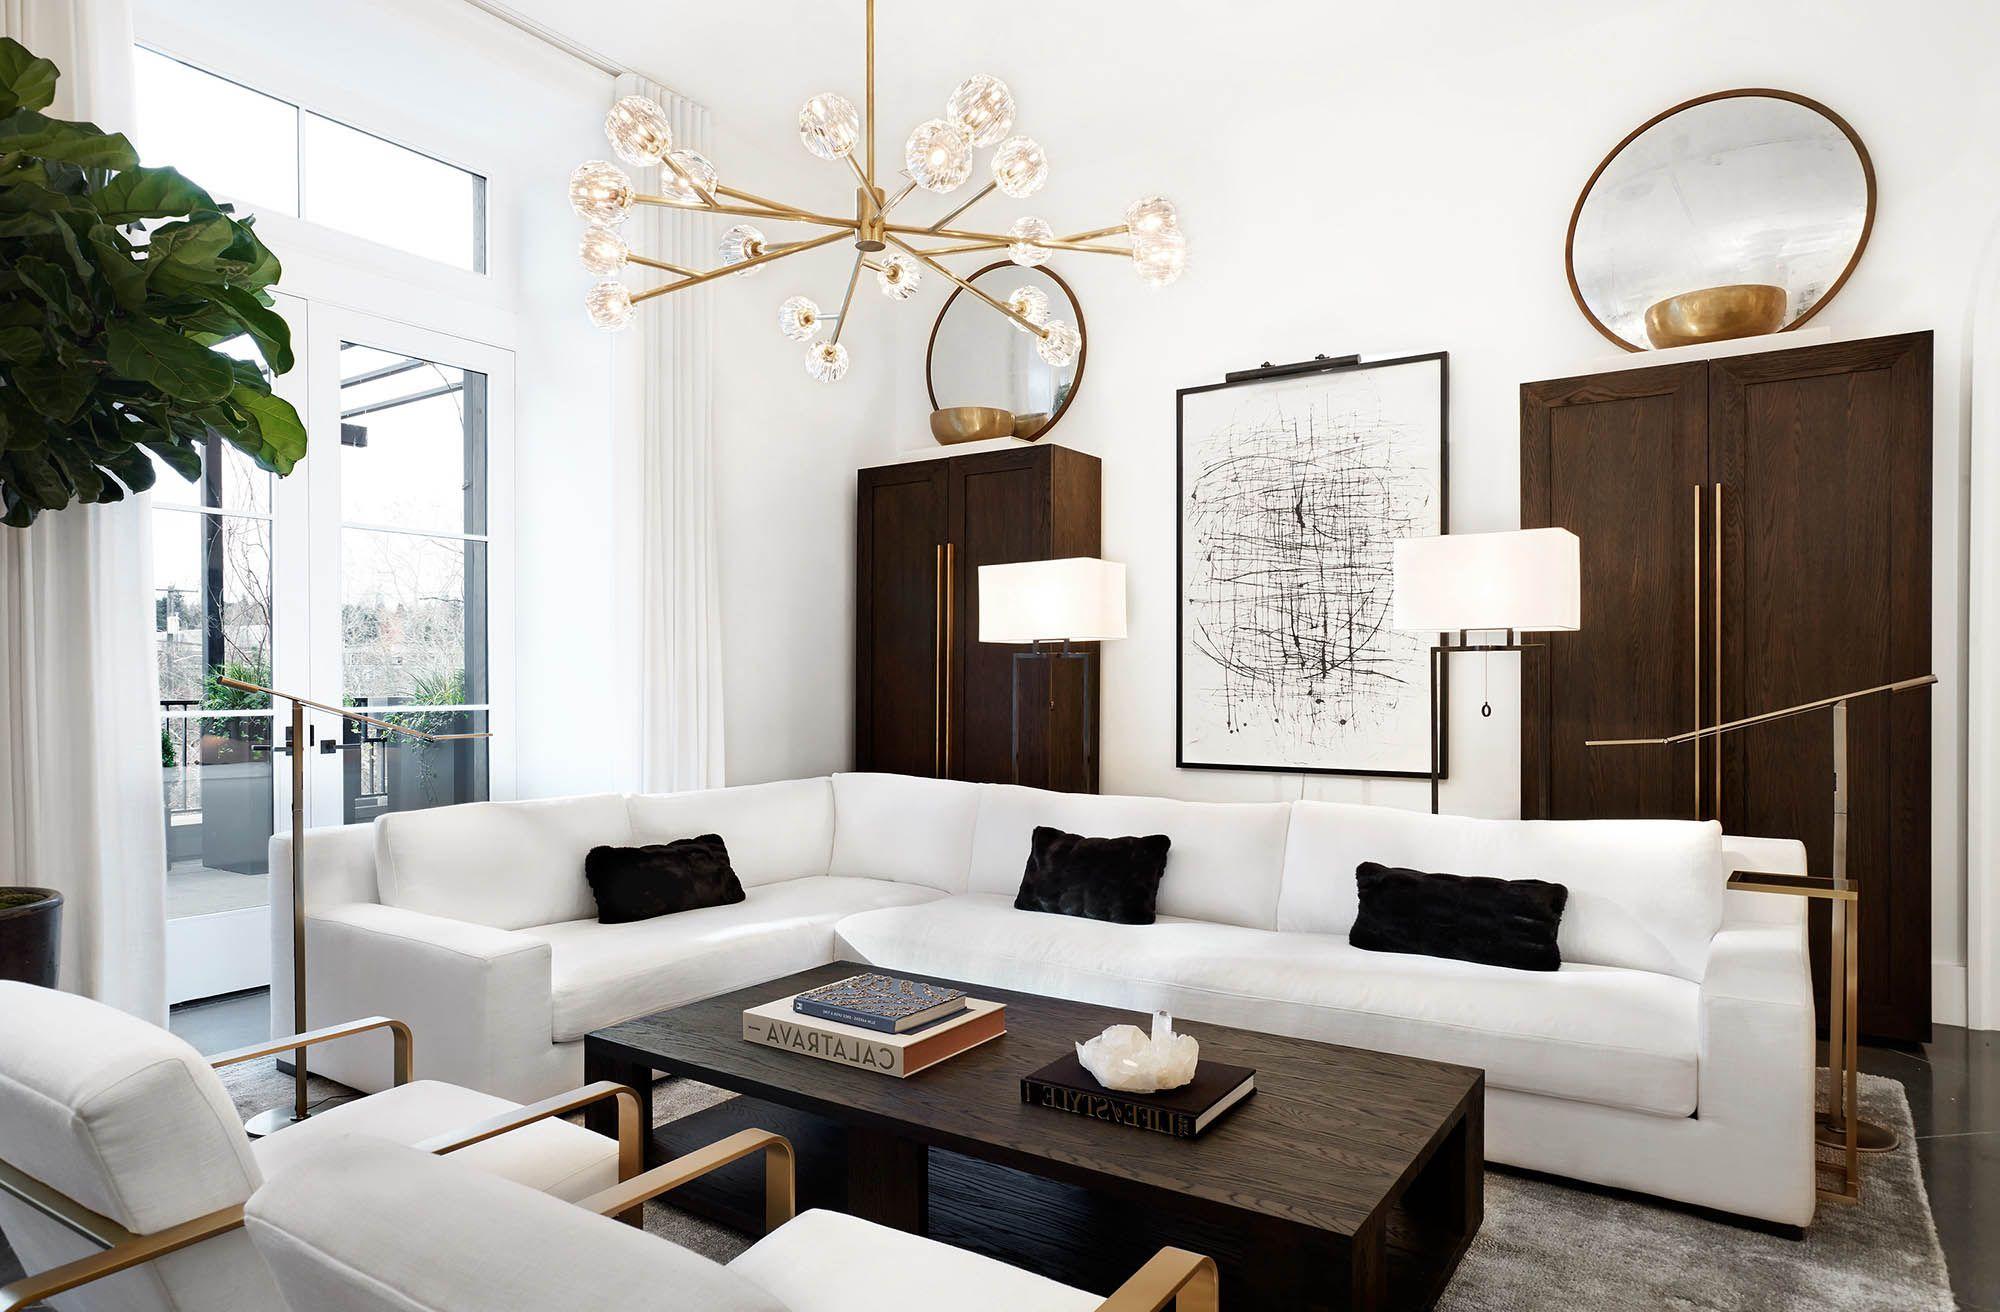 Elegant White Living Room Decor With White Modern Sectional